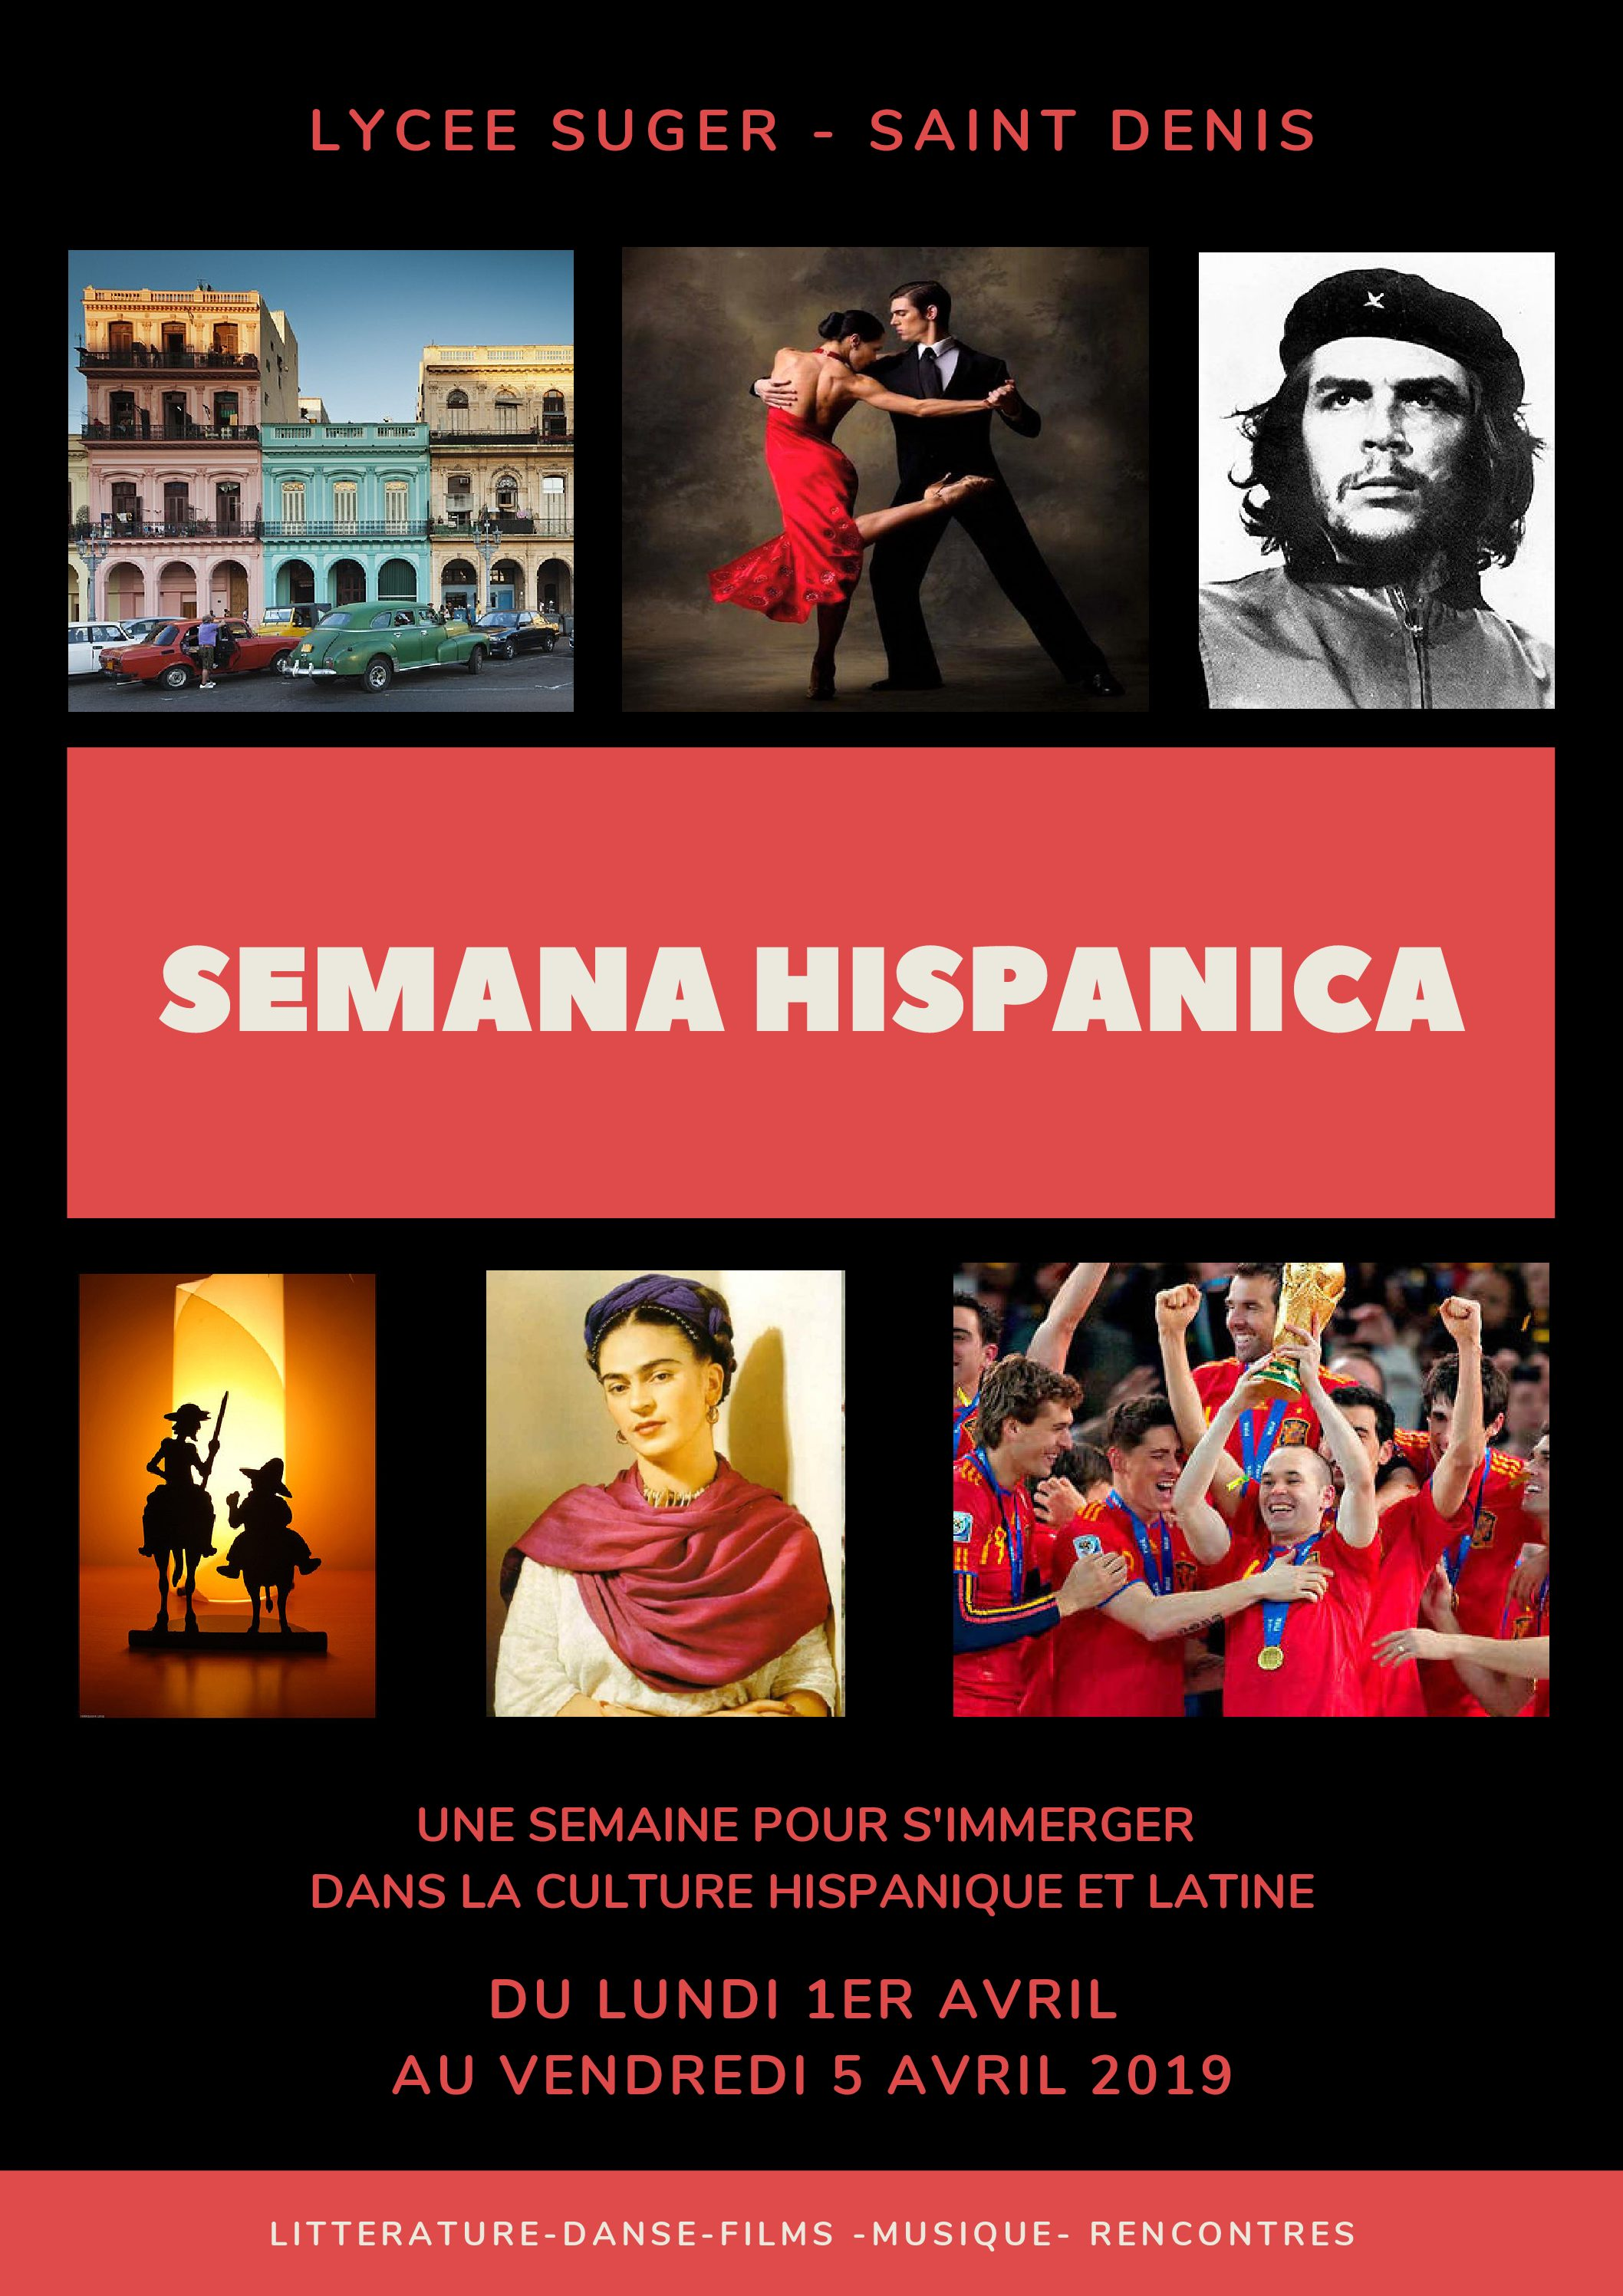 Semana Hispanaca, 4e !